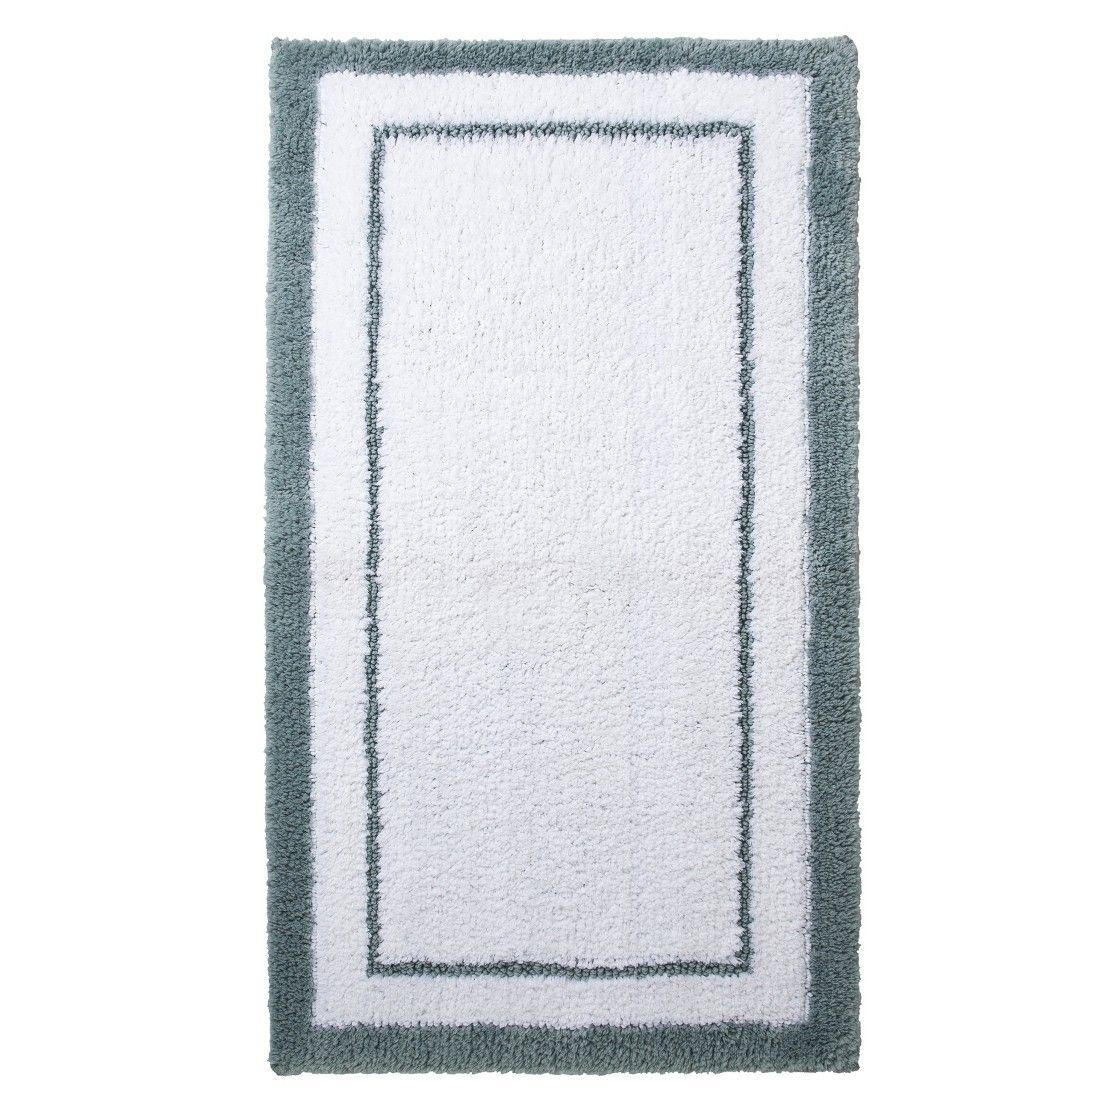 Fieldcrest Luxury Accent Bath Rug X Bath - Fieldcrest bath towels for small bathroom ideas